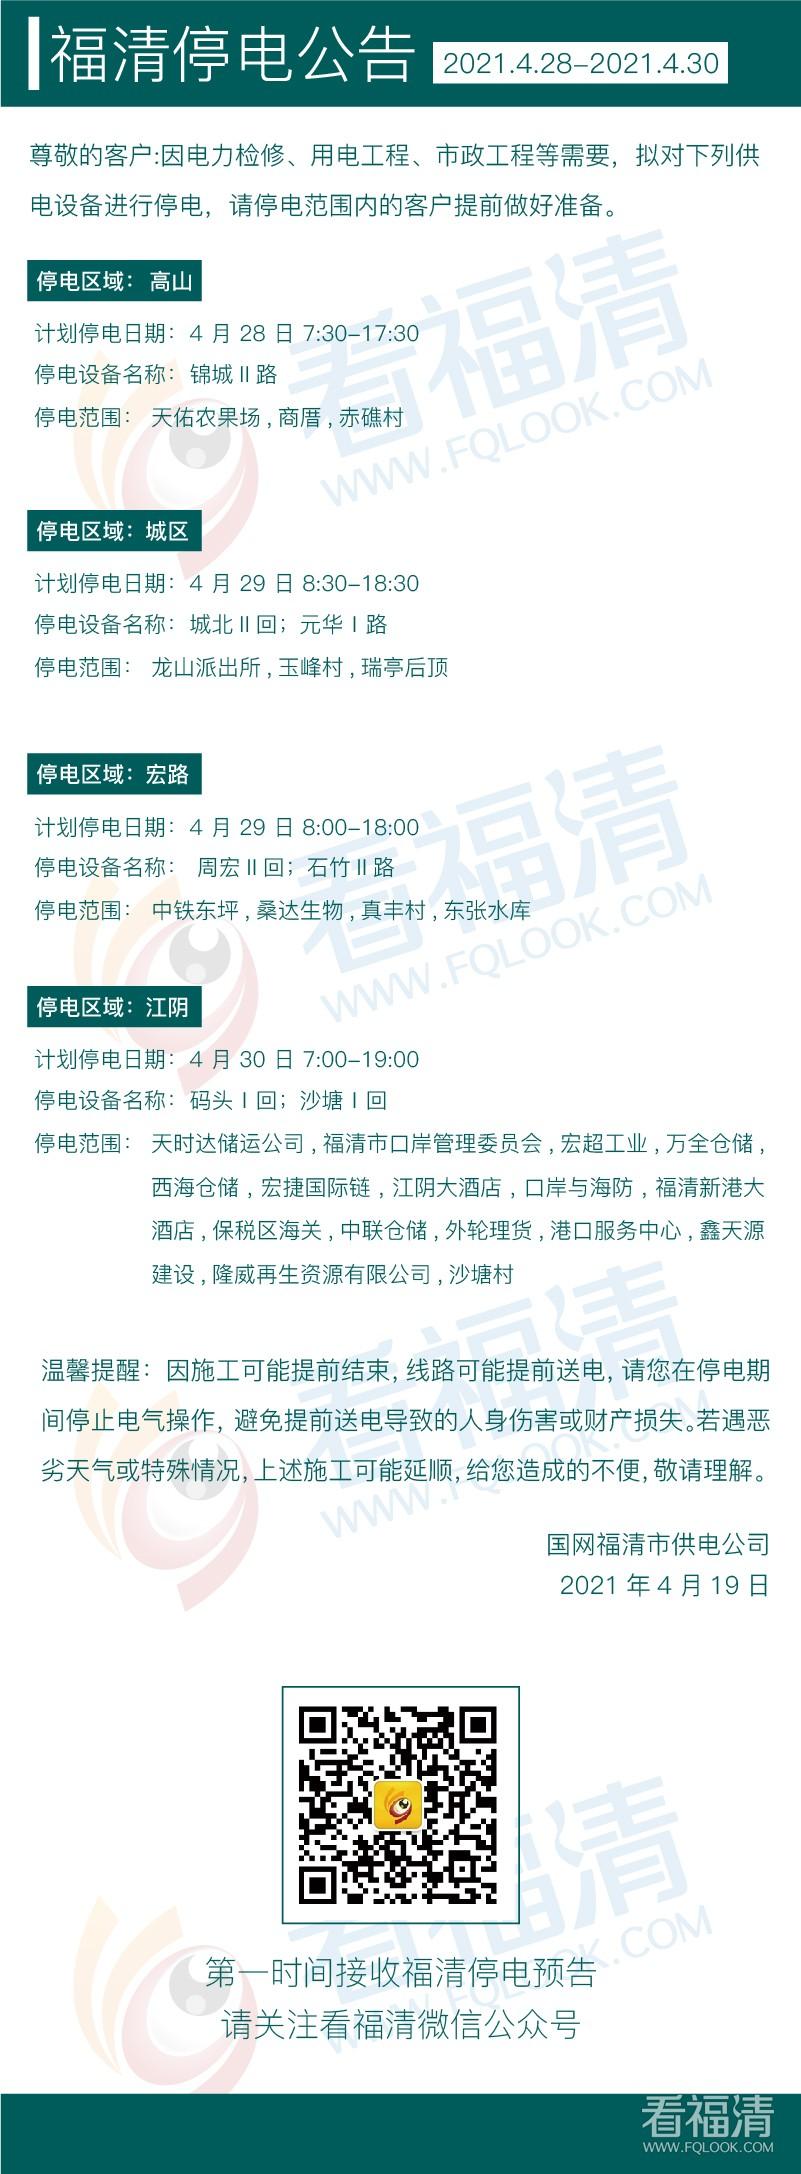 2021年4月福清停電公告(28日至30日)